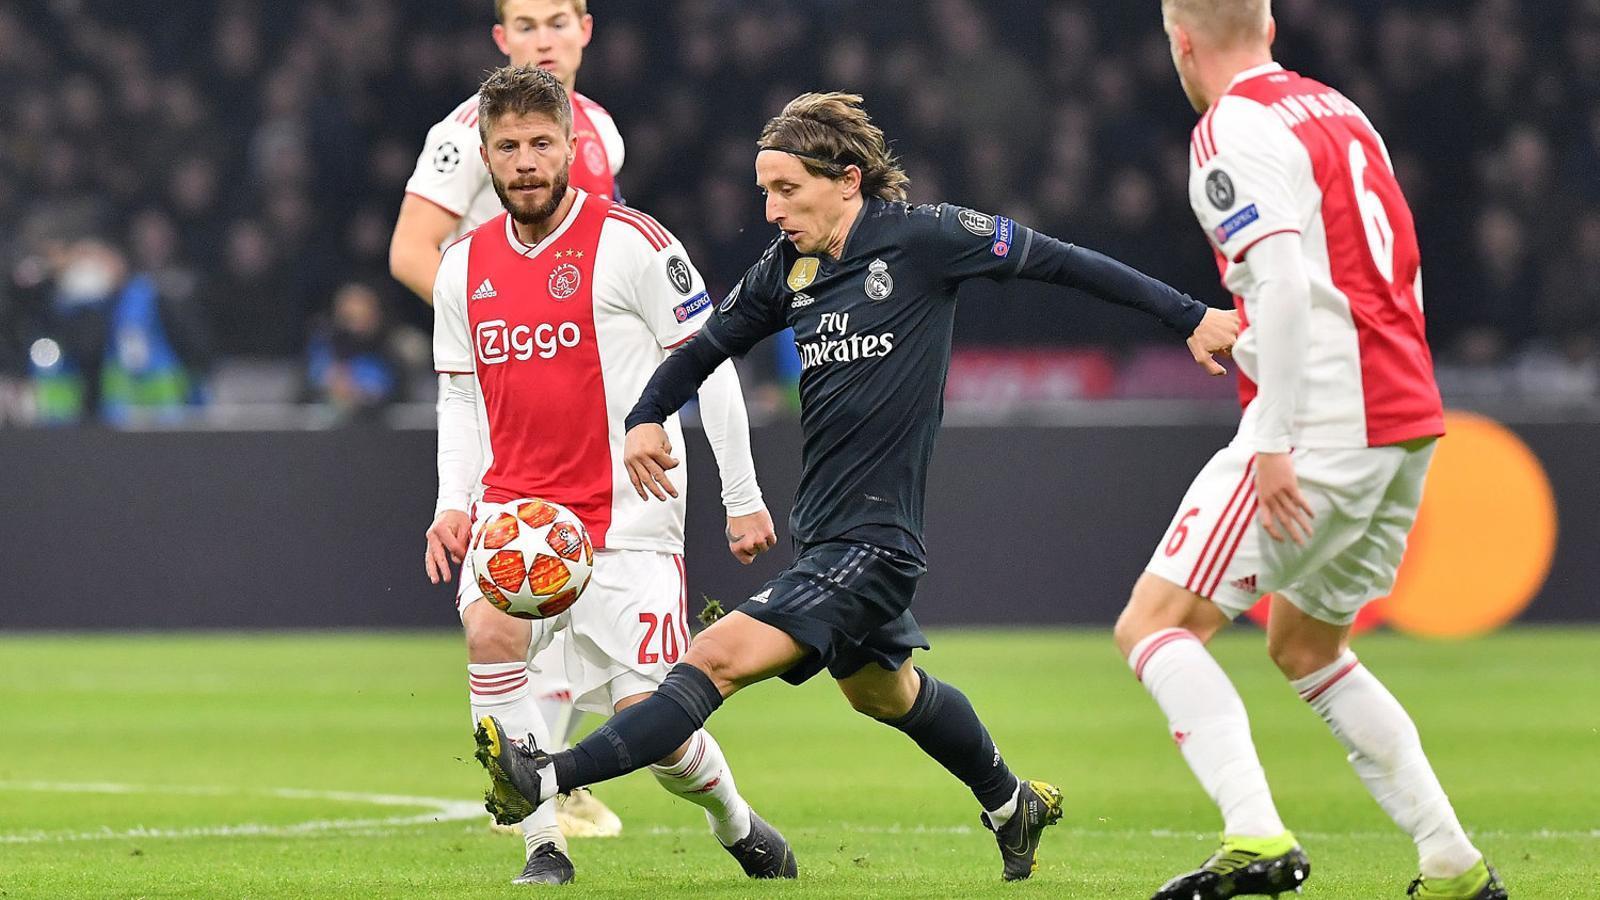 Luka Modric mirant de controlar una pilota al mig del camp entre Van de Beek i Schöne. El Madrid va patir per connectar amb el croat.